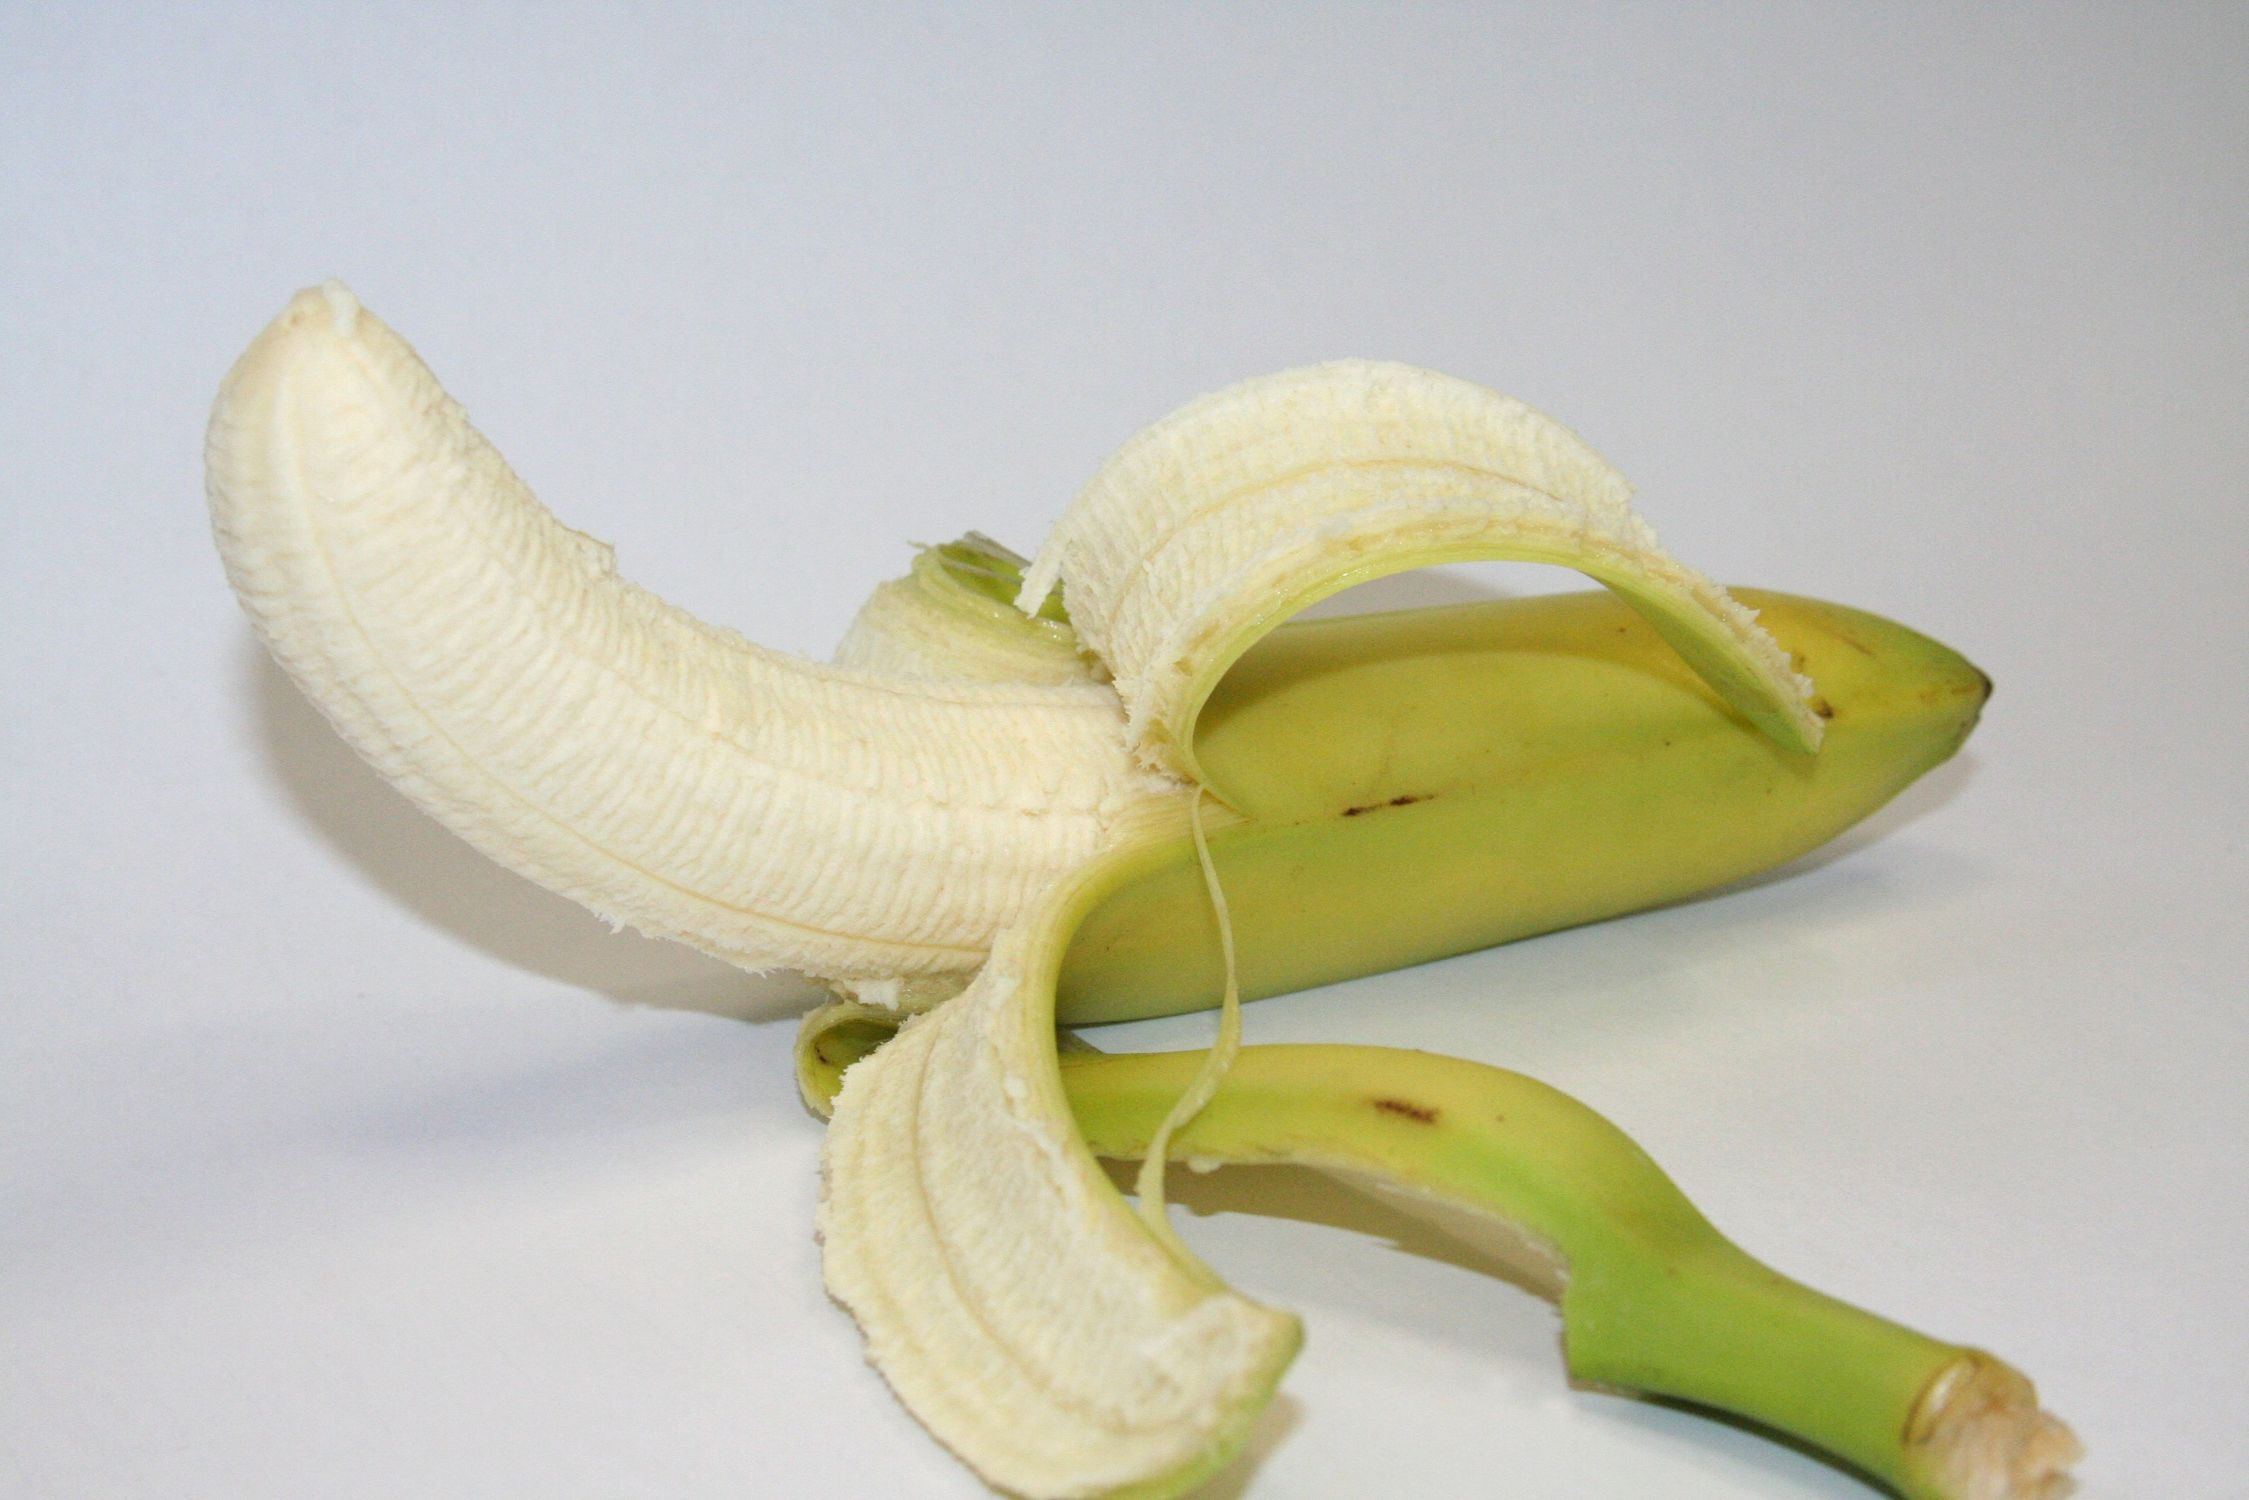 Bild mit Früchte, Lebensmittel, Essen, Bananen, Frucht, Banane, Küchenbild